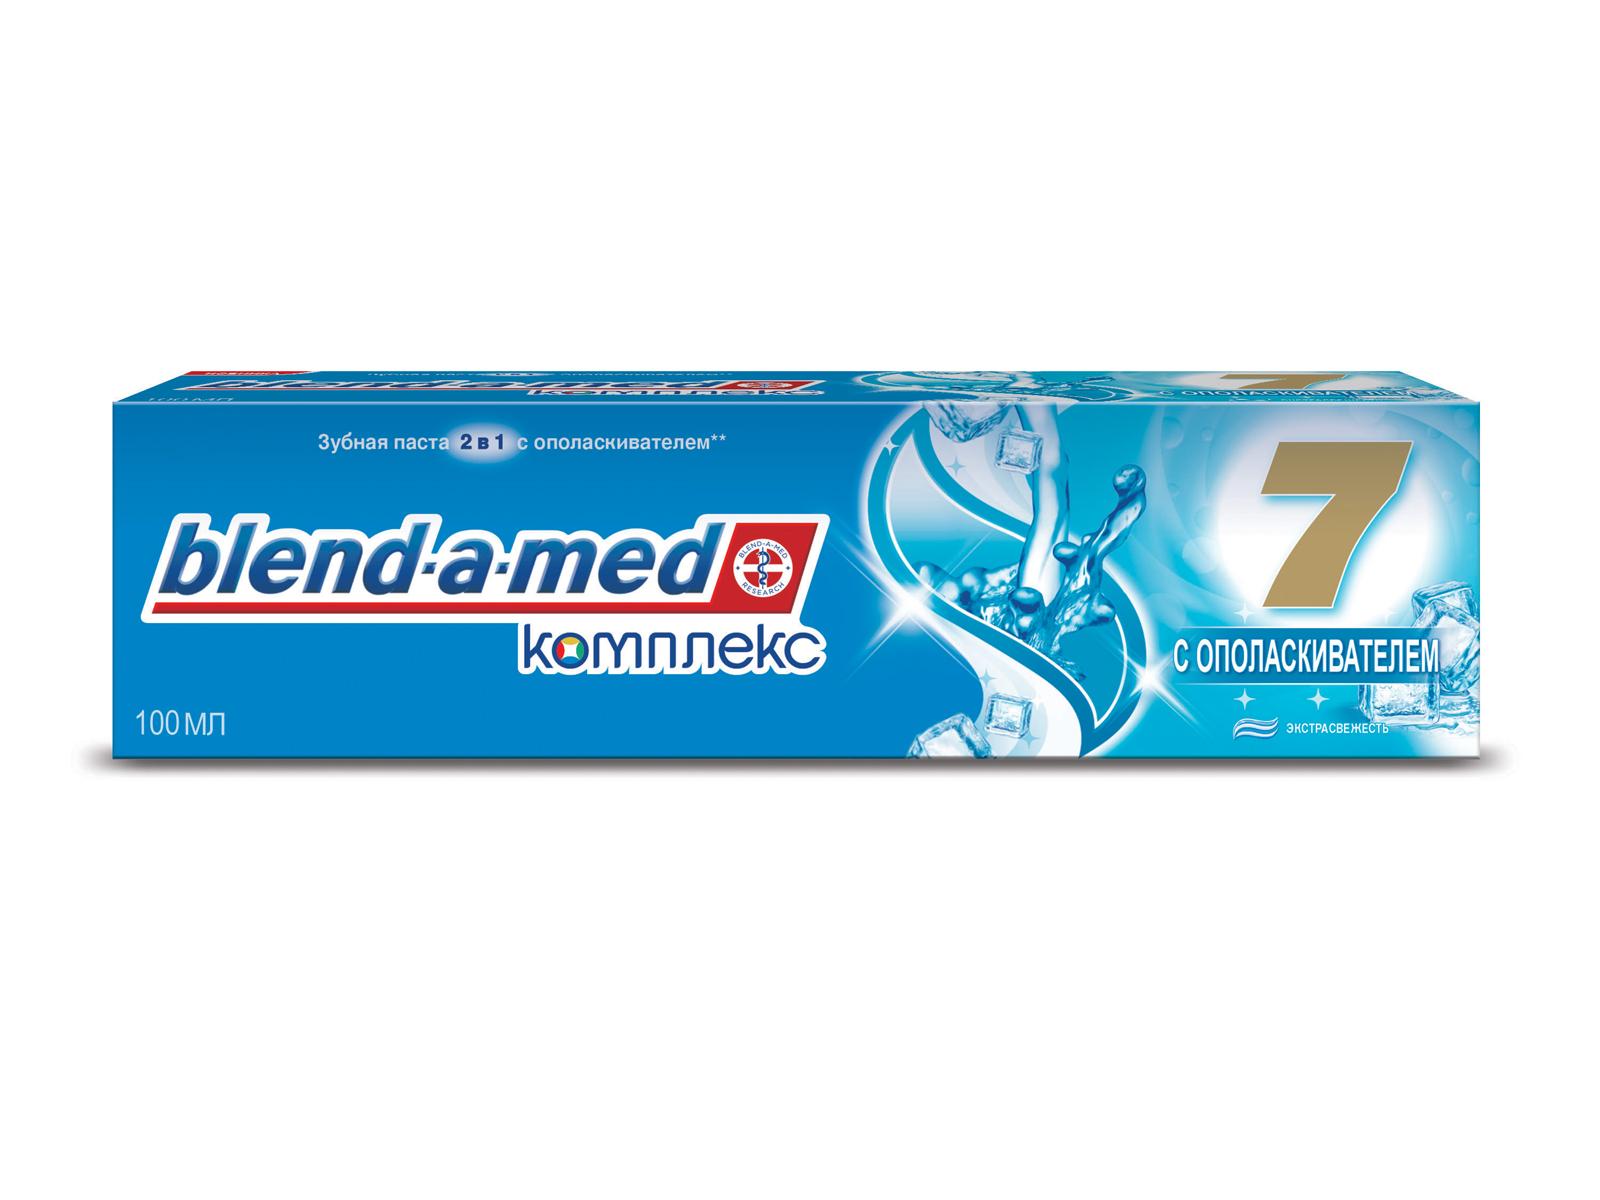 Blend-a-med Зубная паста Комплекс 7 Экстра Свежесть с ополаскивателем, 100 млBM-81540277Свежесть дыхания и защита всей полости рта! Blend-a-med Комплекс 7 Экстра Свежесть: Сочетает в себе полную защиту Blend-a-med Комплекс 7! Имеет ярко-выраженный мятный освежающий вкус! Зубные пасты Blend-a-med Комплекс 7 защищают по семи признакам: - Бактериальный налет. - Кариес зубов. - Проблемы дёсен. - Кариес корня. - Зубной камень. - Тёмный налёт. - Несвежее дыхание. Blend-a-med Комплекс 7 обеспечивает быструю, простую и легкую защиту всей полости рта, и вы можете наслаждаться жизнью, не беспокоясь о здоровье ваших зубов! Ощутите взрыв свежести с зубной пастой Blend-a-med Комплекс 7 Экстра свежесть, почувствуйте больше уверенности при общении с друзьями. Blend-a-med рекомендует использовать зубную пасту Комплекс 7 Экстра свежесть с зубной щеткой Oral-B Комплекс. Попробуйте новый Blend-a-med Комплекс 7 Экстра Свежесть с ополаскивателем. - Ярко-выраженный мятный освежающий вкус. - Обеспечивает качественный уход за здоровьем полости рта. - Комплексная защита всё полости рта. -...